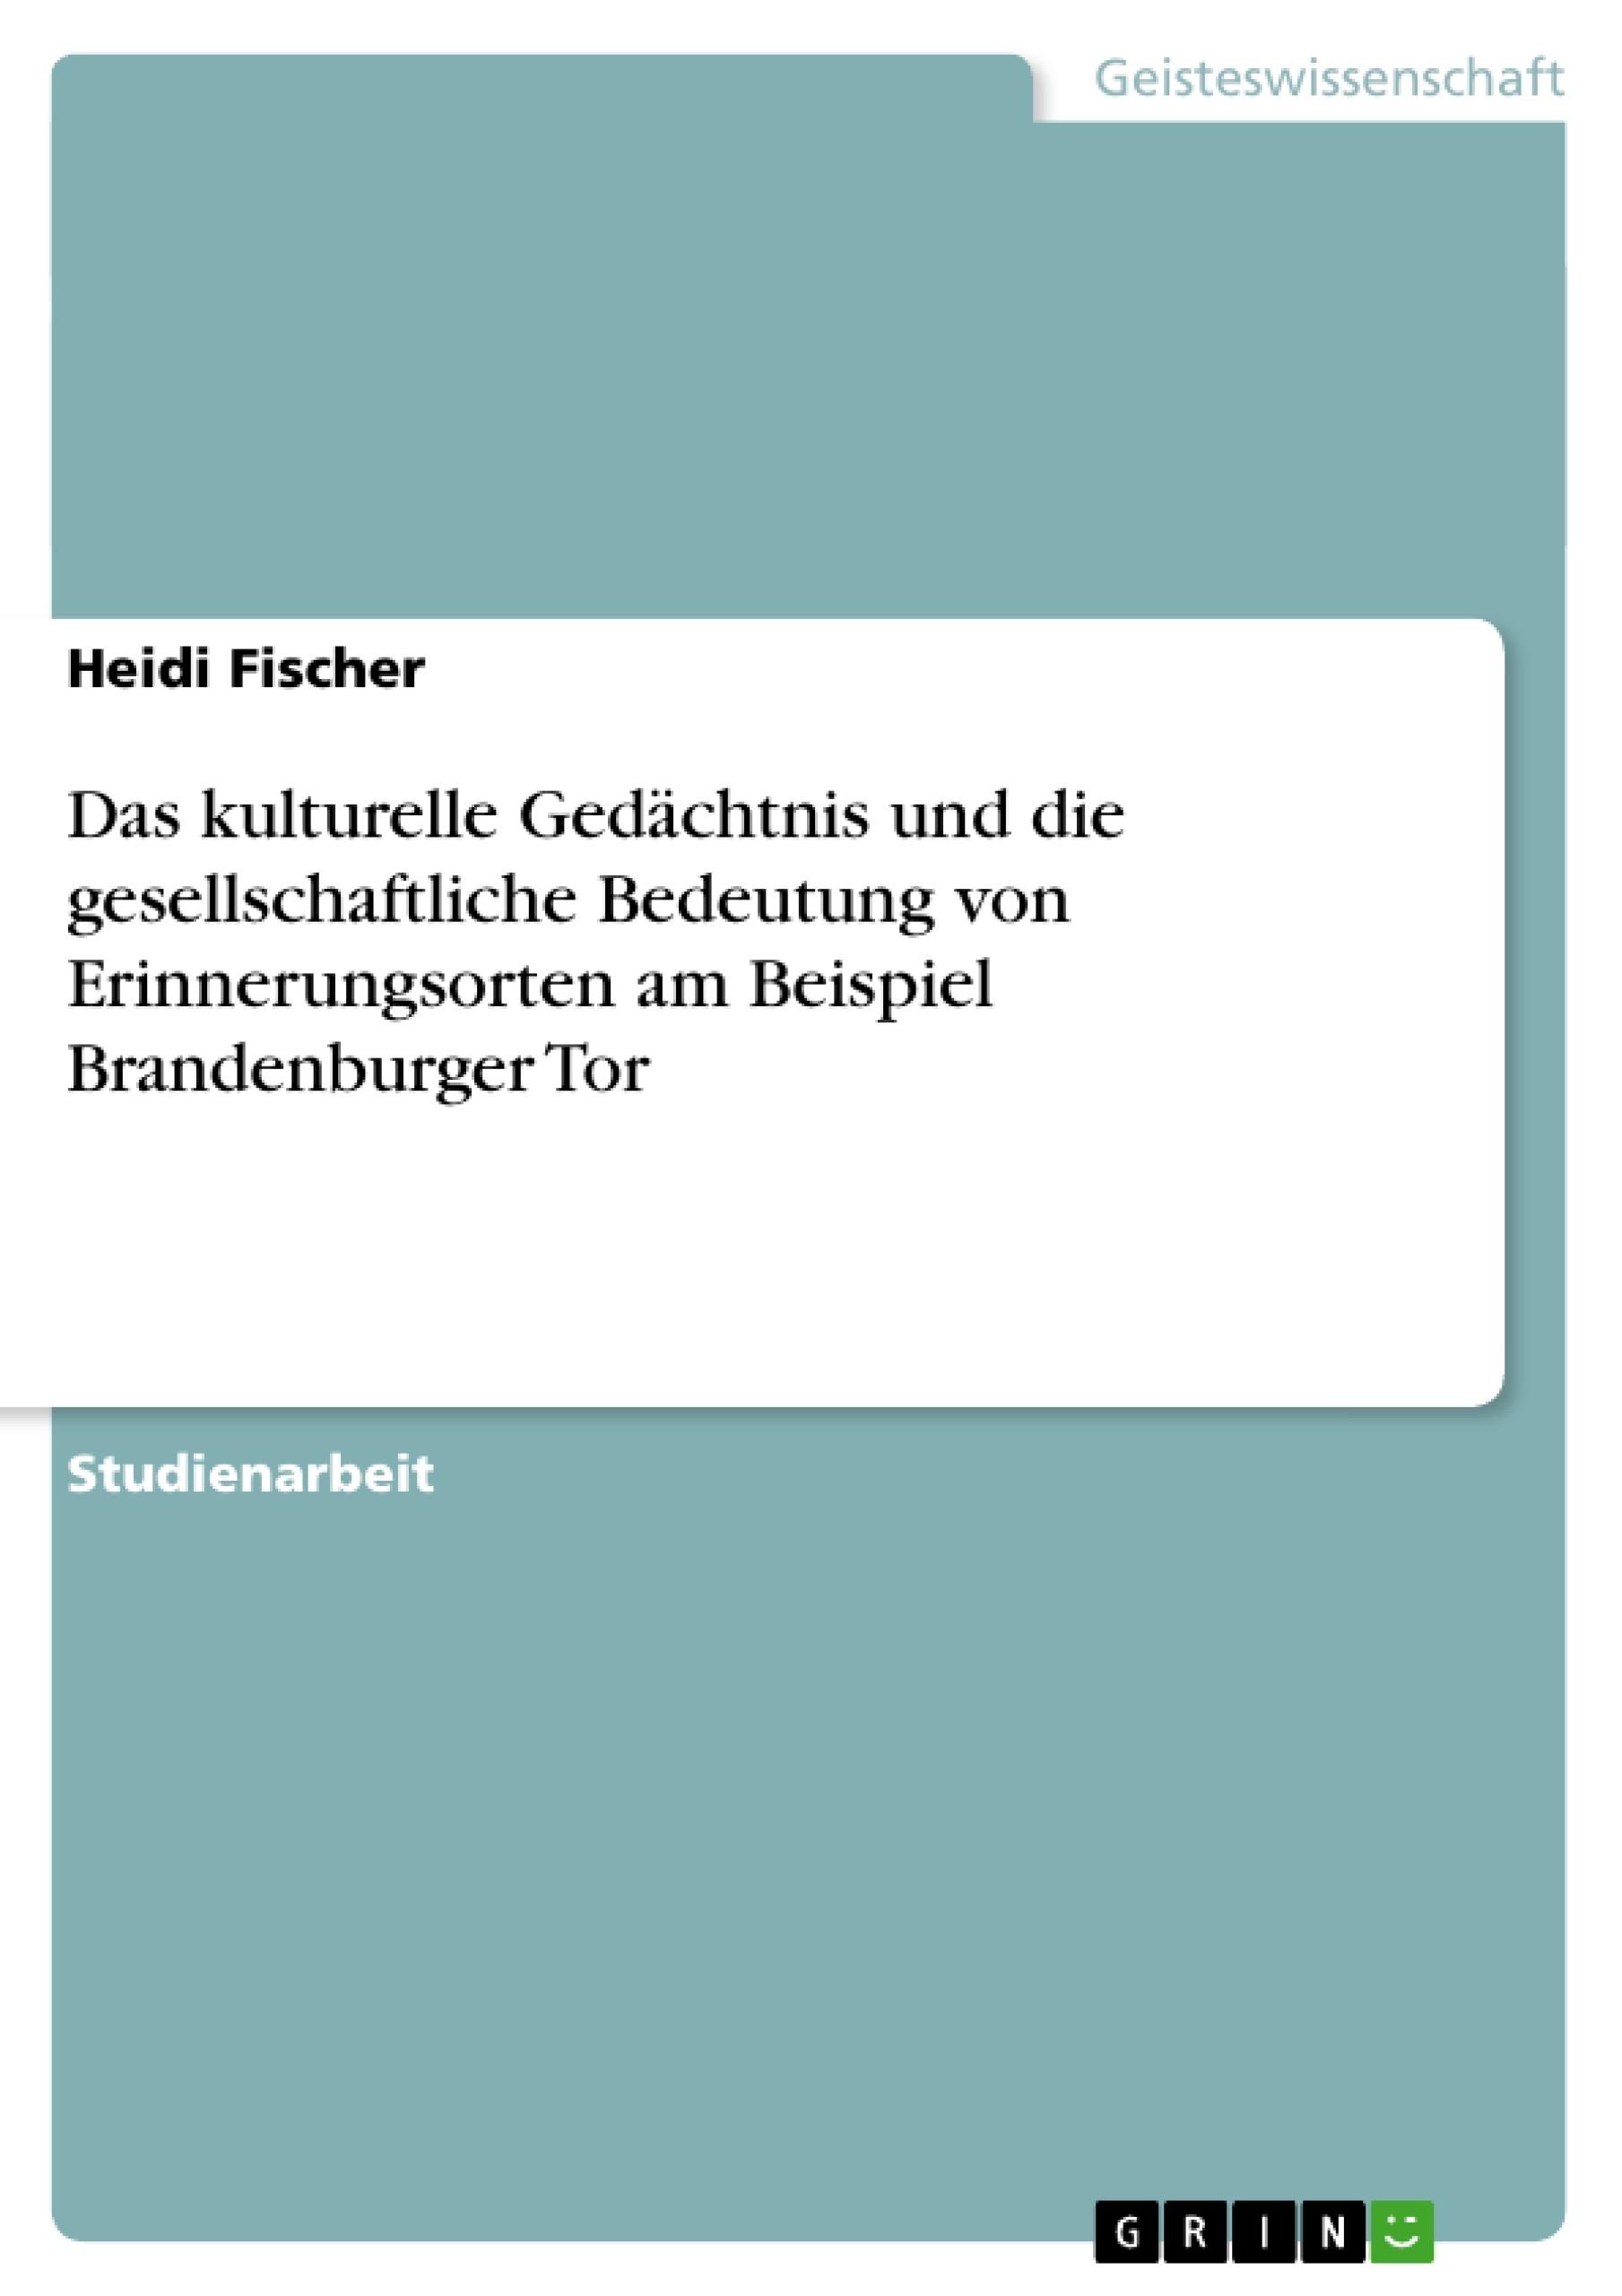 Titel: Das kulturelle Gedächtnis und die gesellschaftliche Bedeutung von Erinnerungsorten am Beispiel Brandenburger Tor